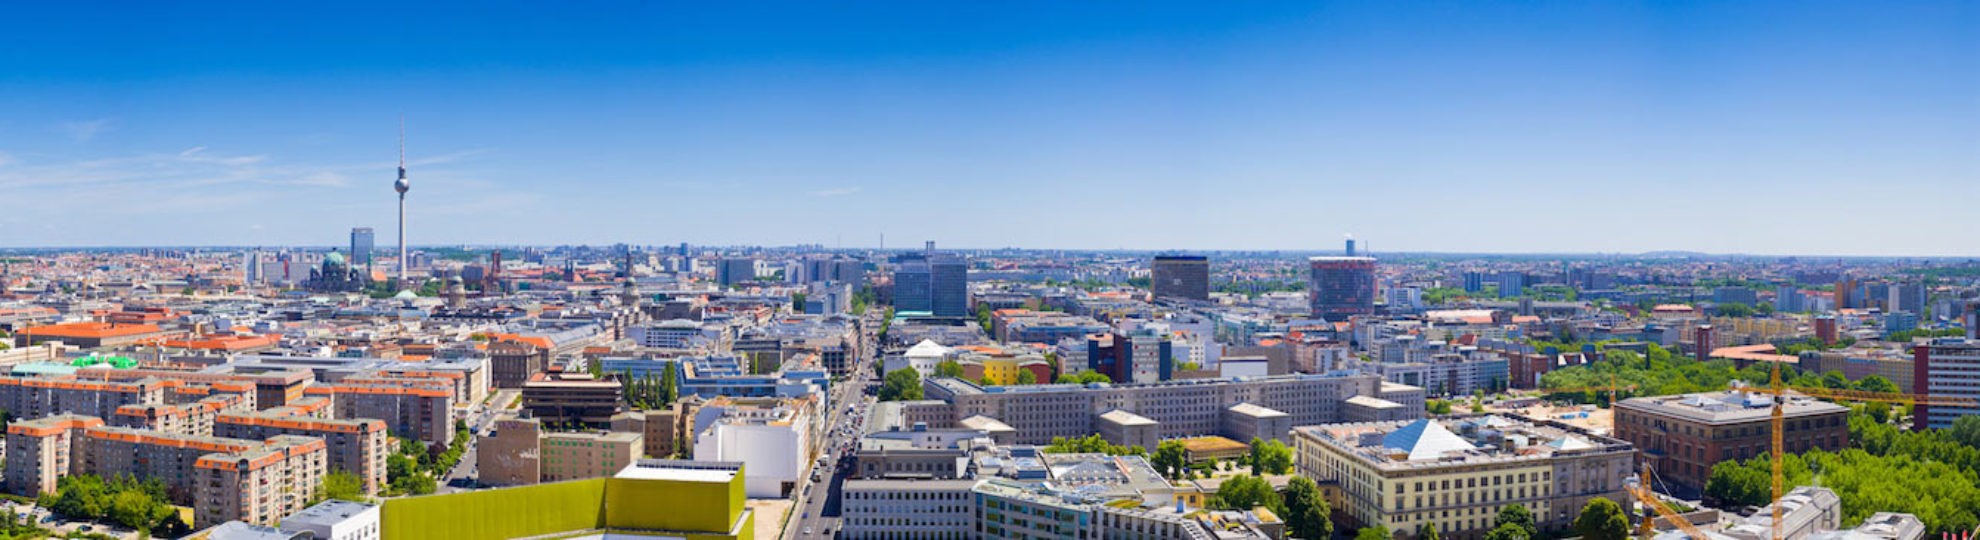 Sanierung Berlin